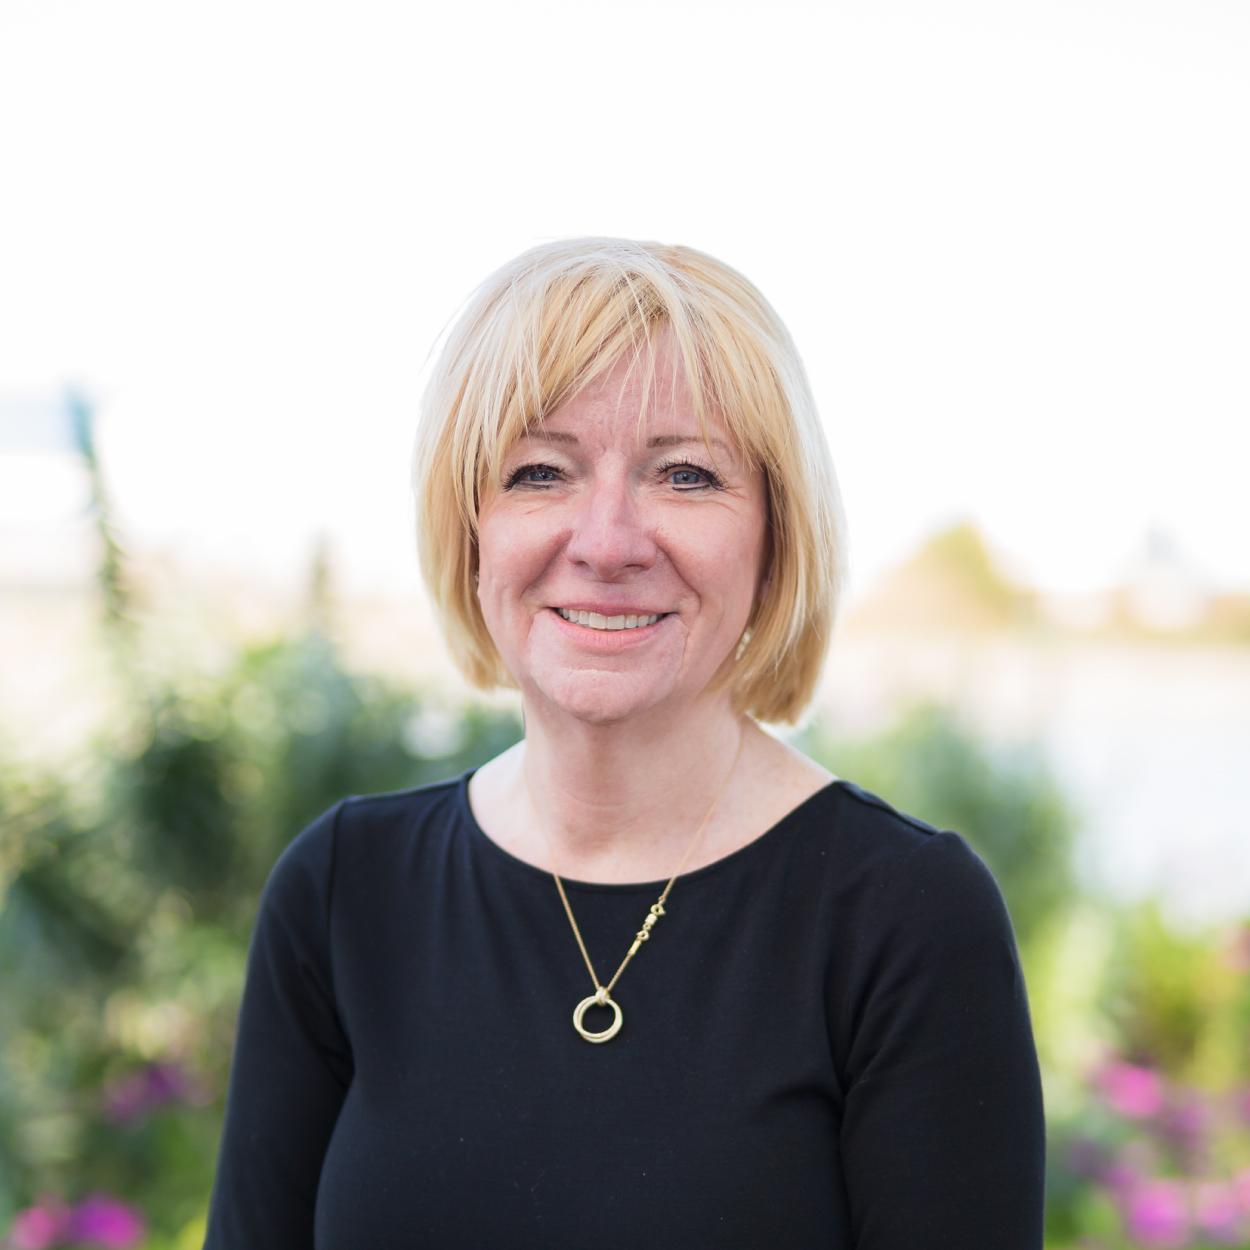 Nancy Boman, M.D., Ph.D.